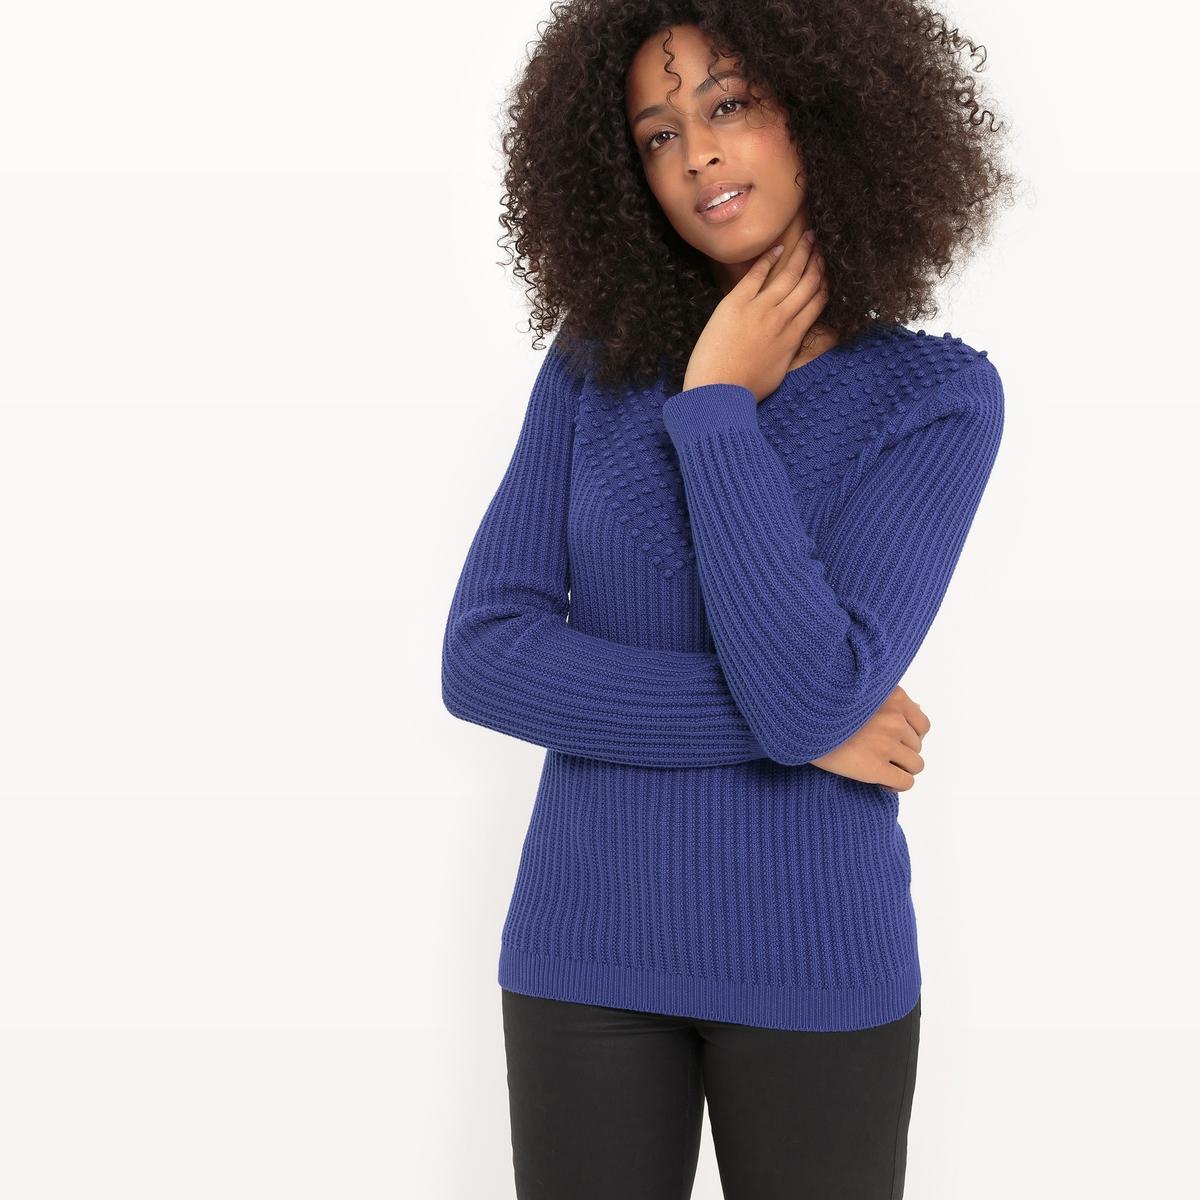 Fantazyjny sweter z okrągłym dekoltem